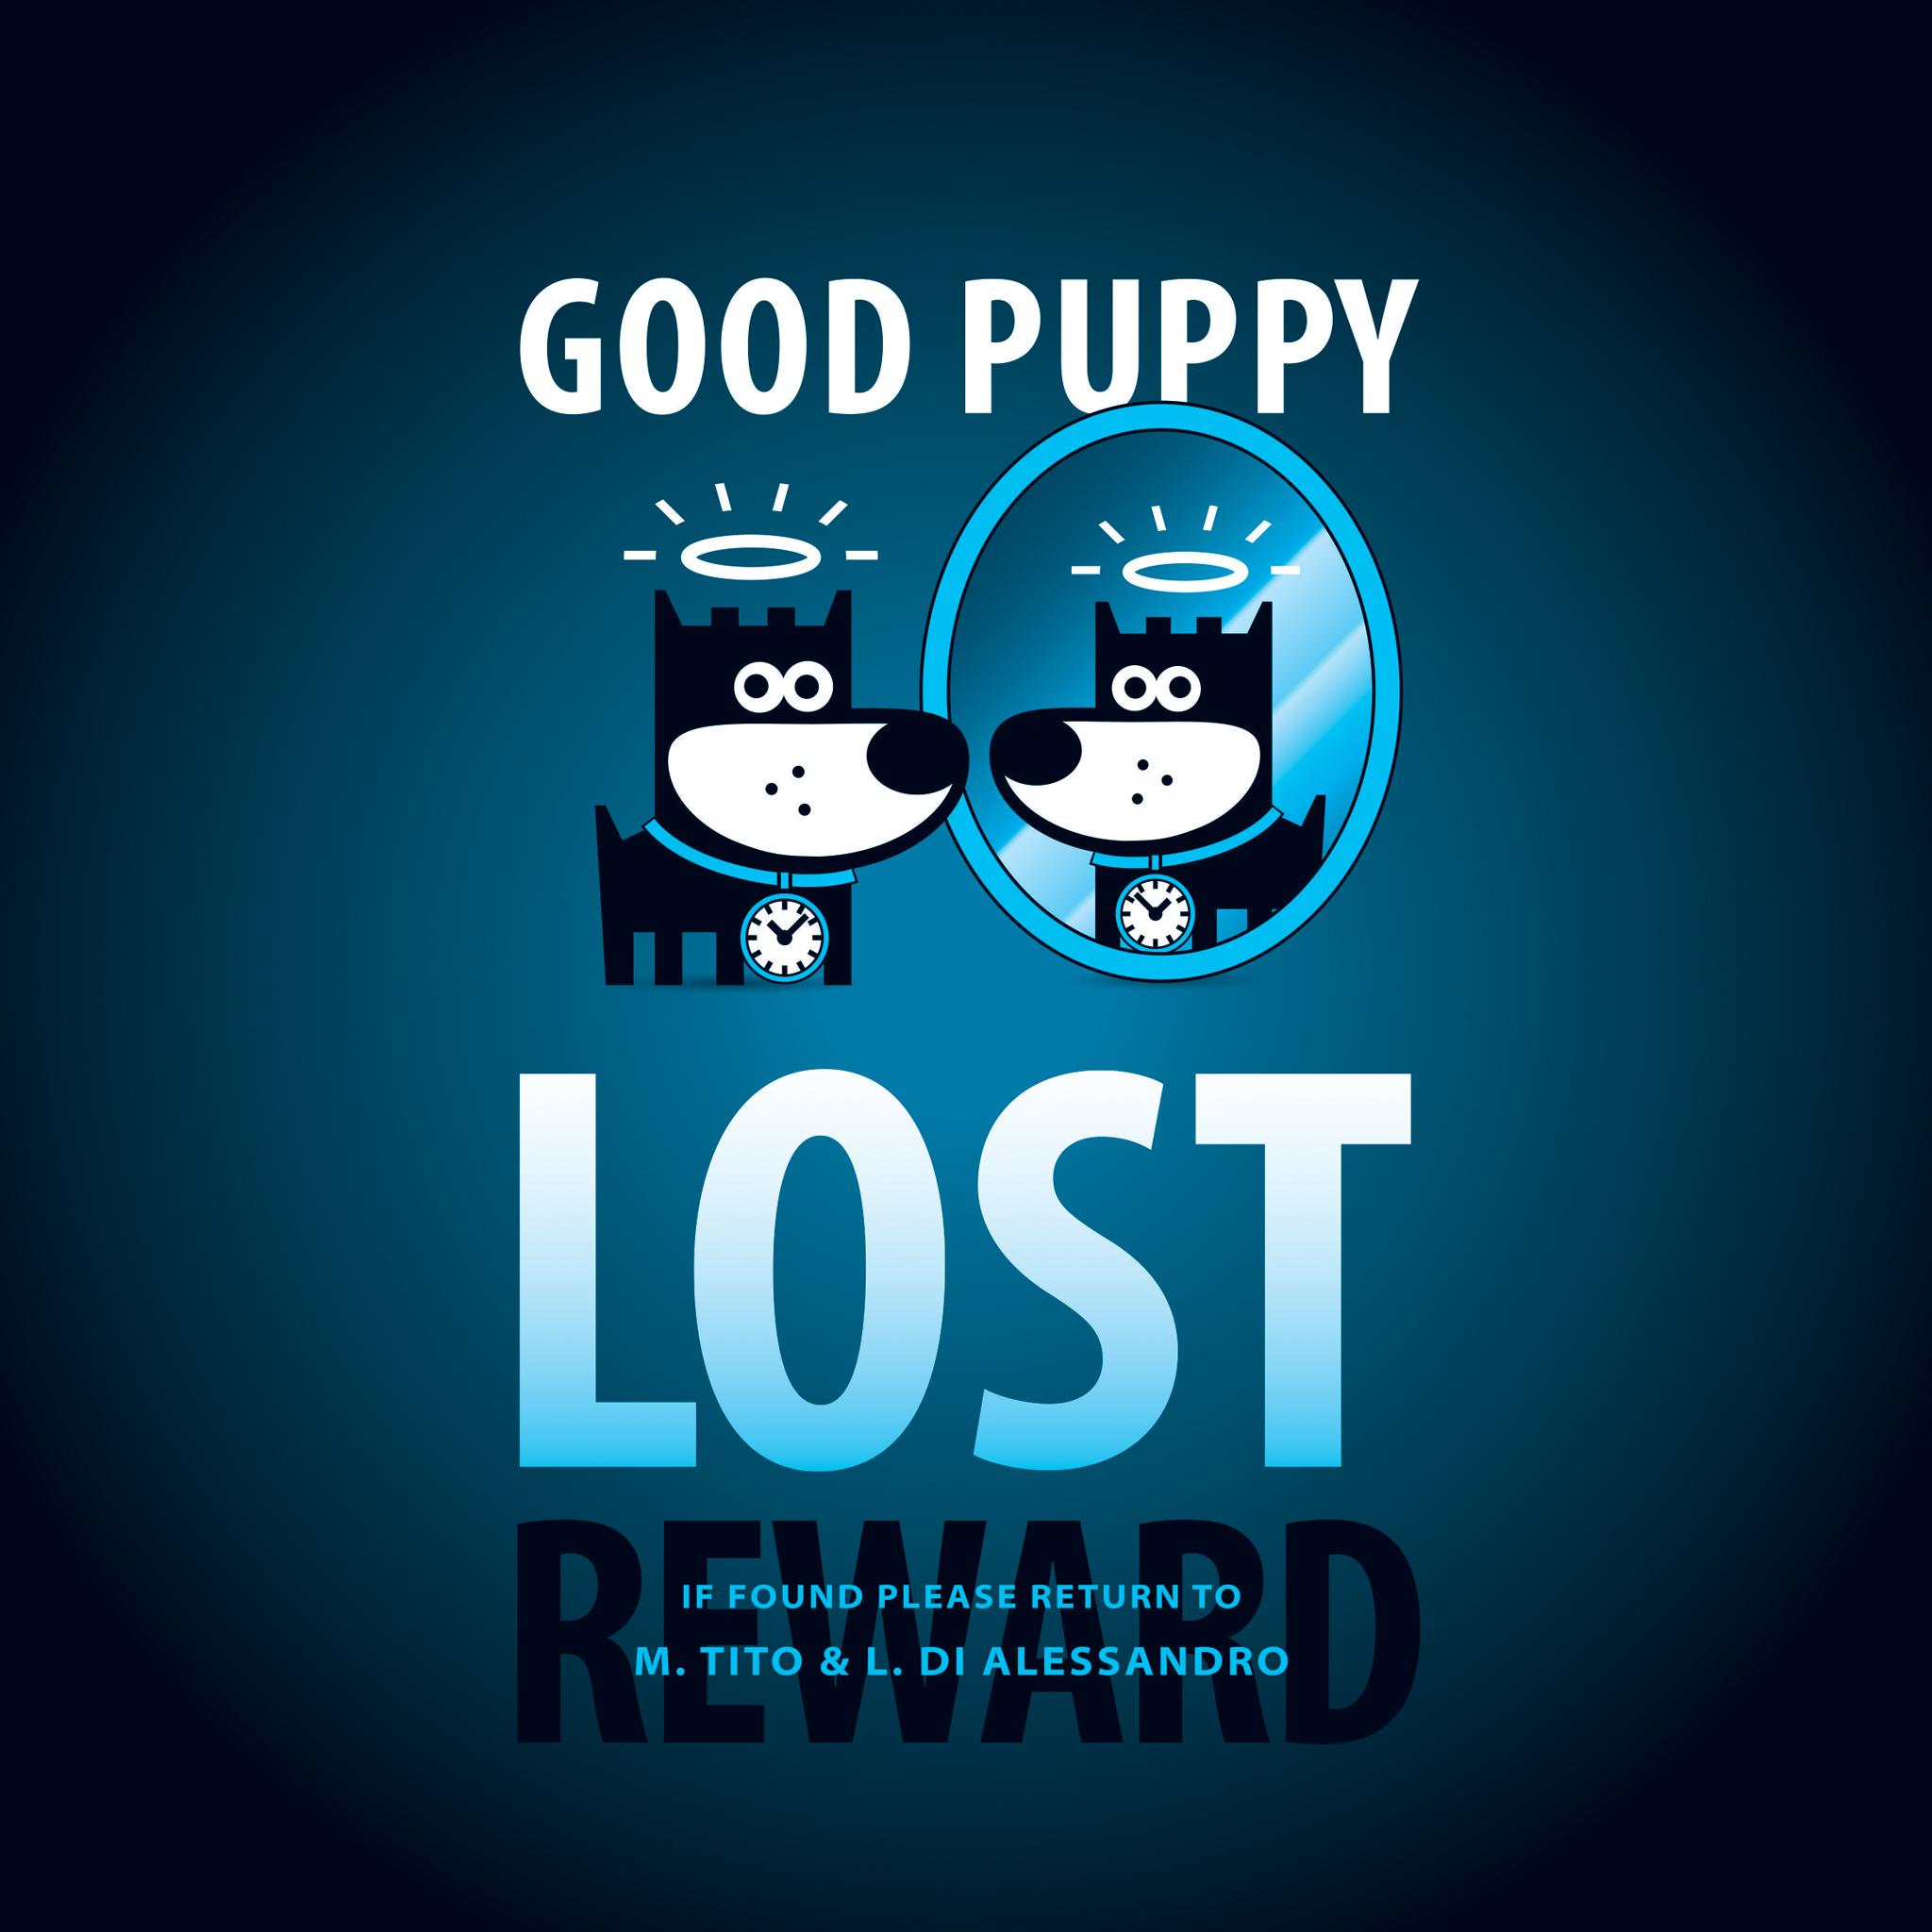 GoodPuppy_Lost_ISBN_978-1-940692-40-1_Ingram_Print.jpg